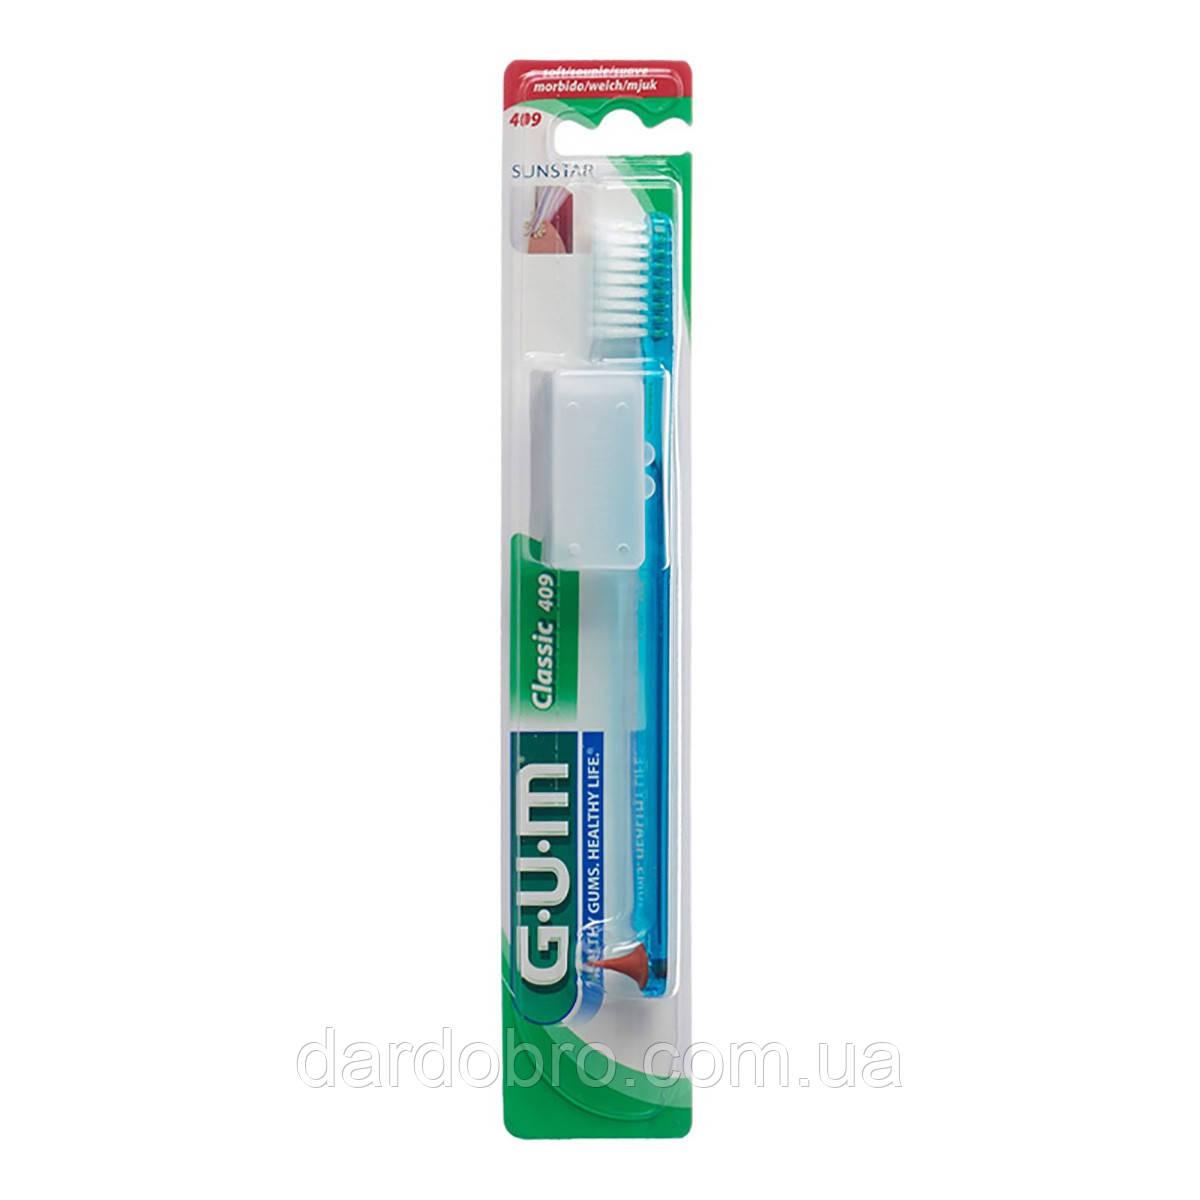 Зубная щетка GUM CLASSIC, компактная мягкая